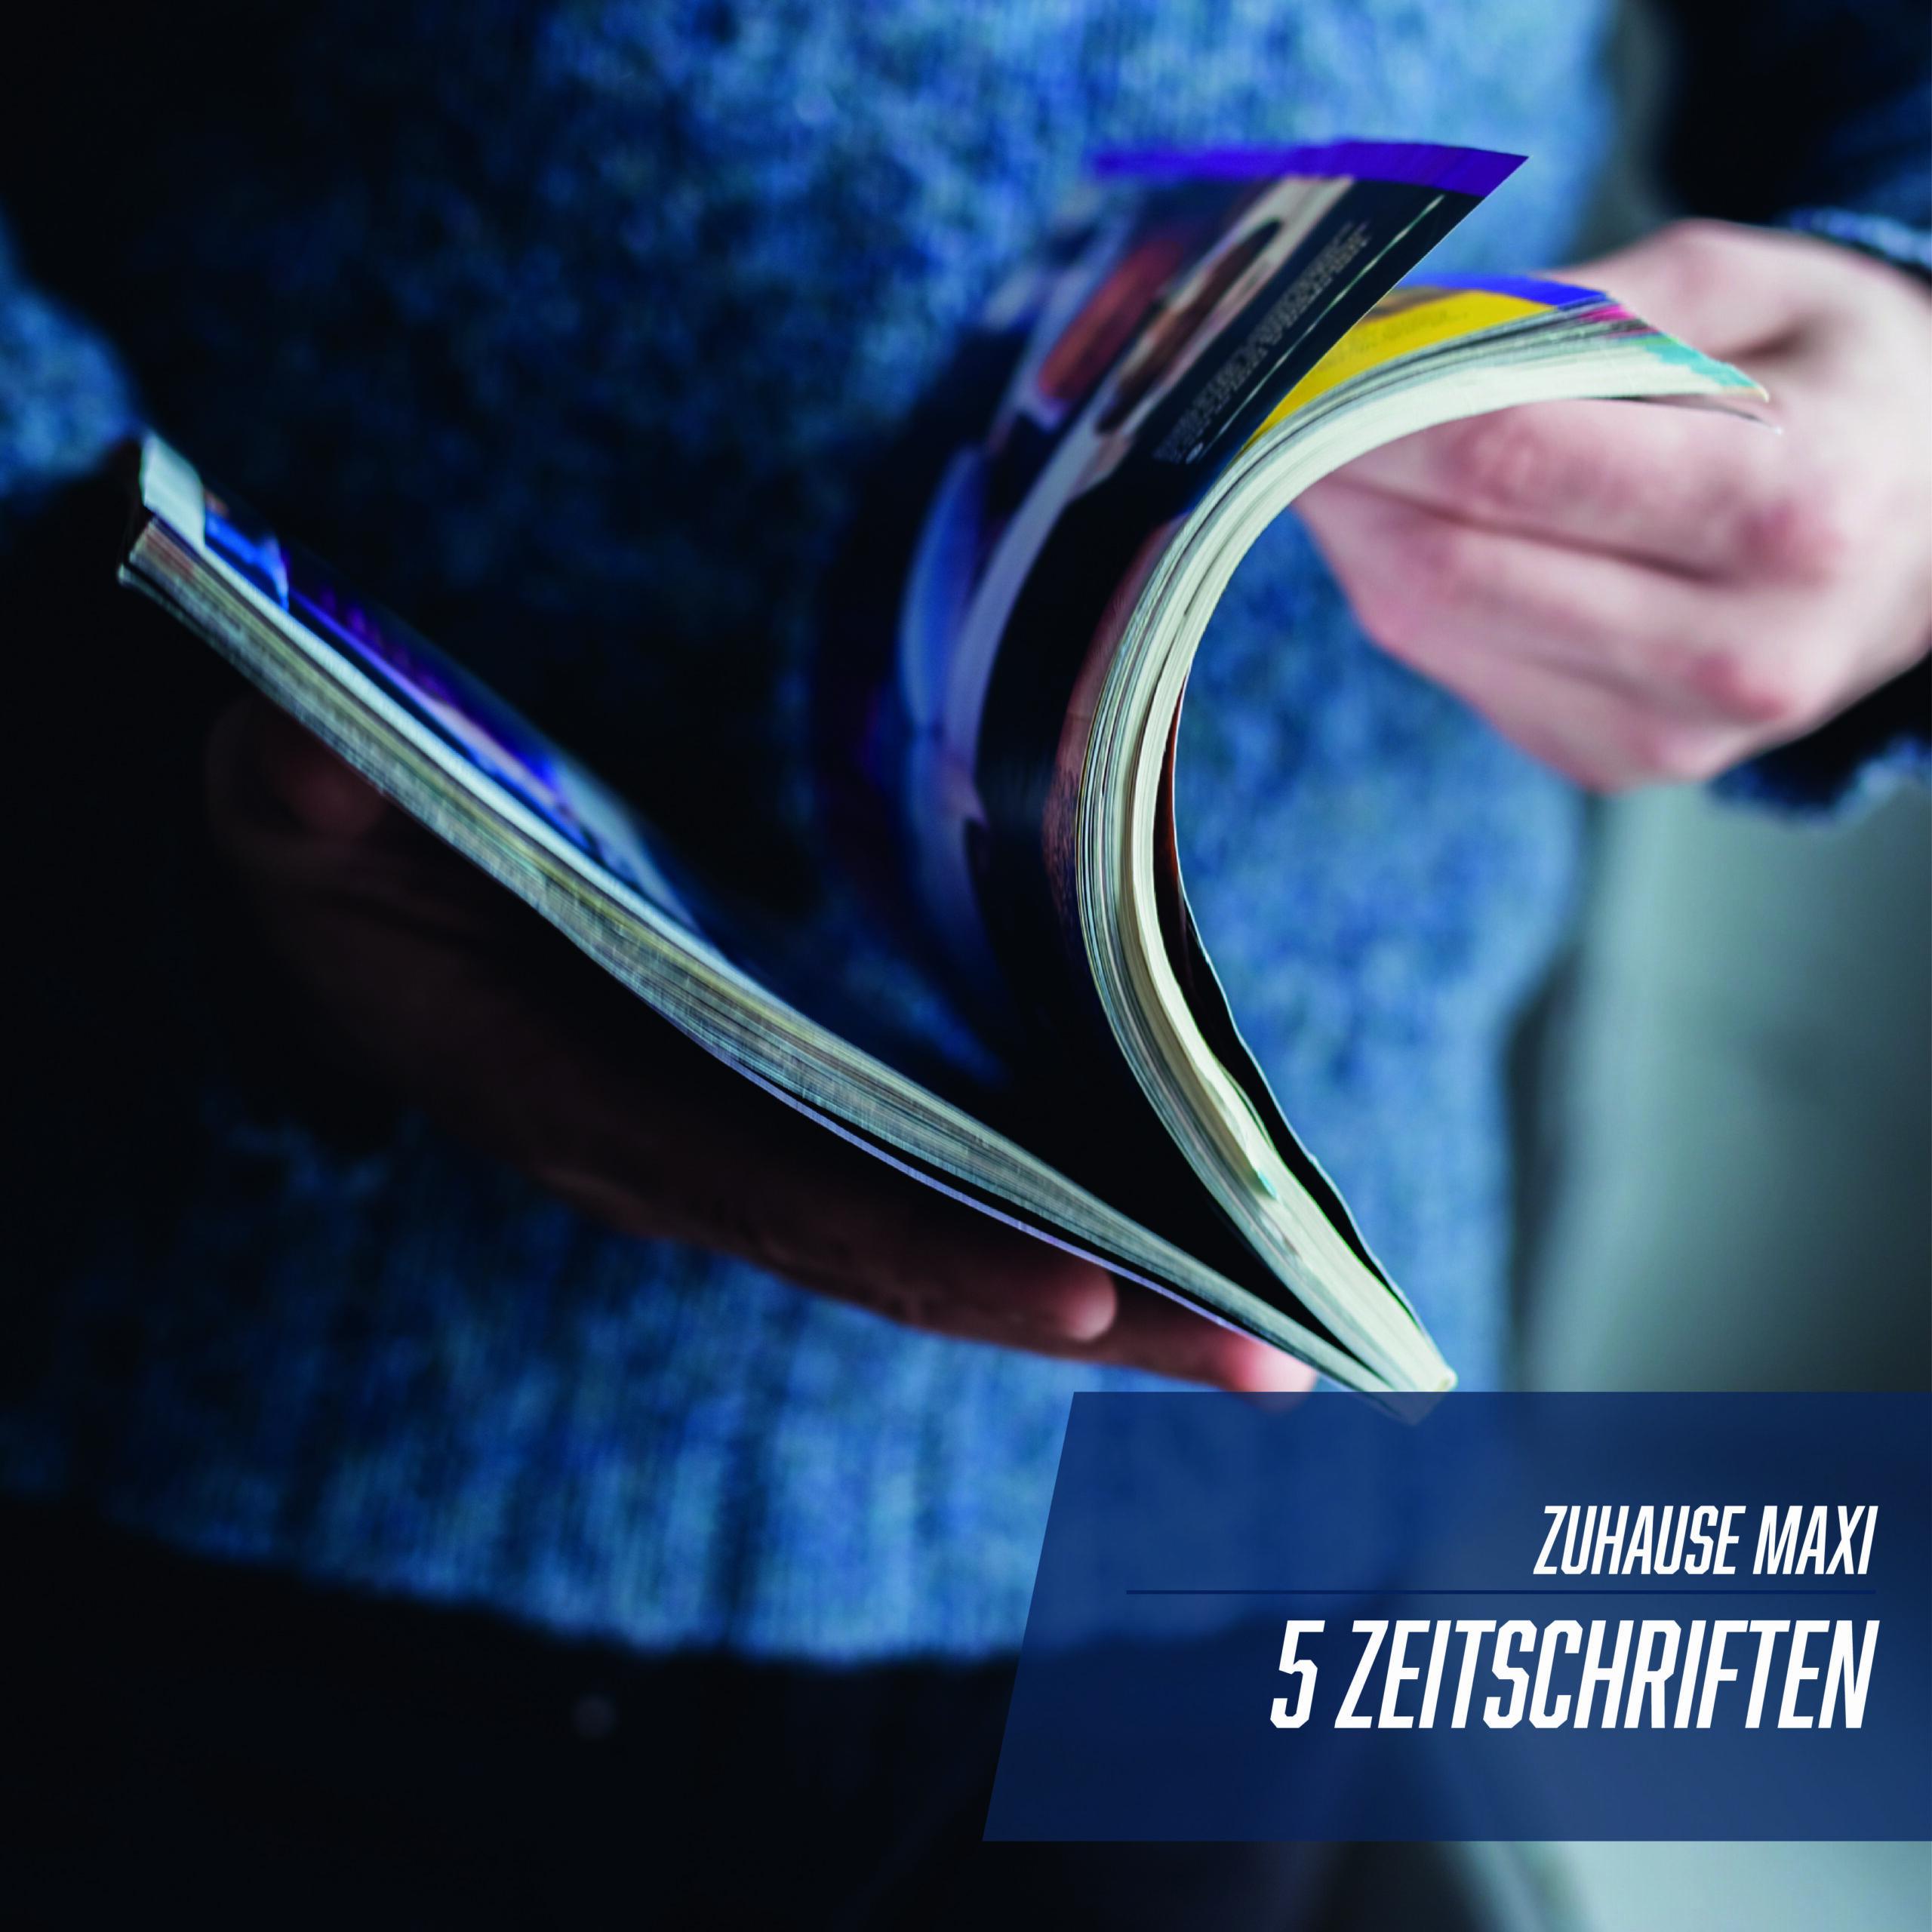 ZUHAUSE Paket Maxi